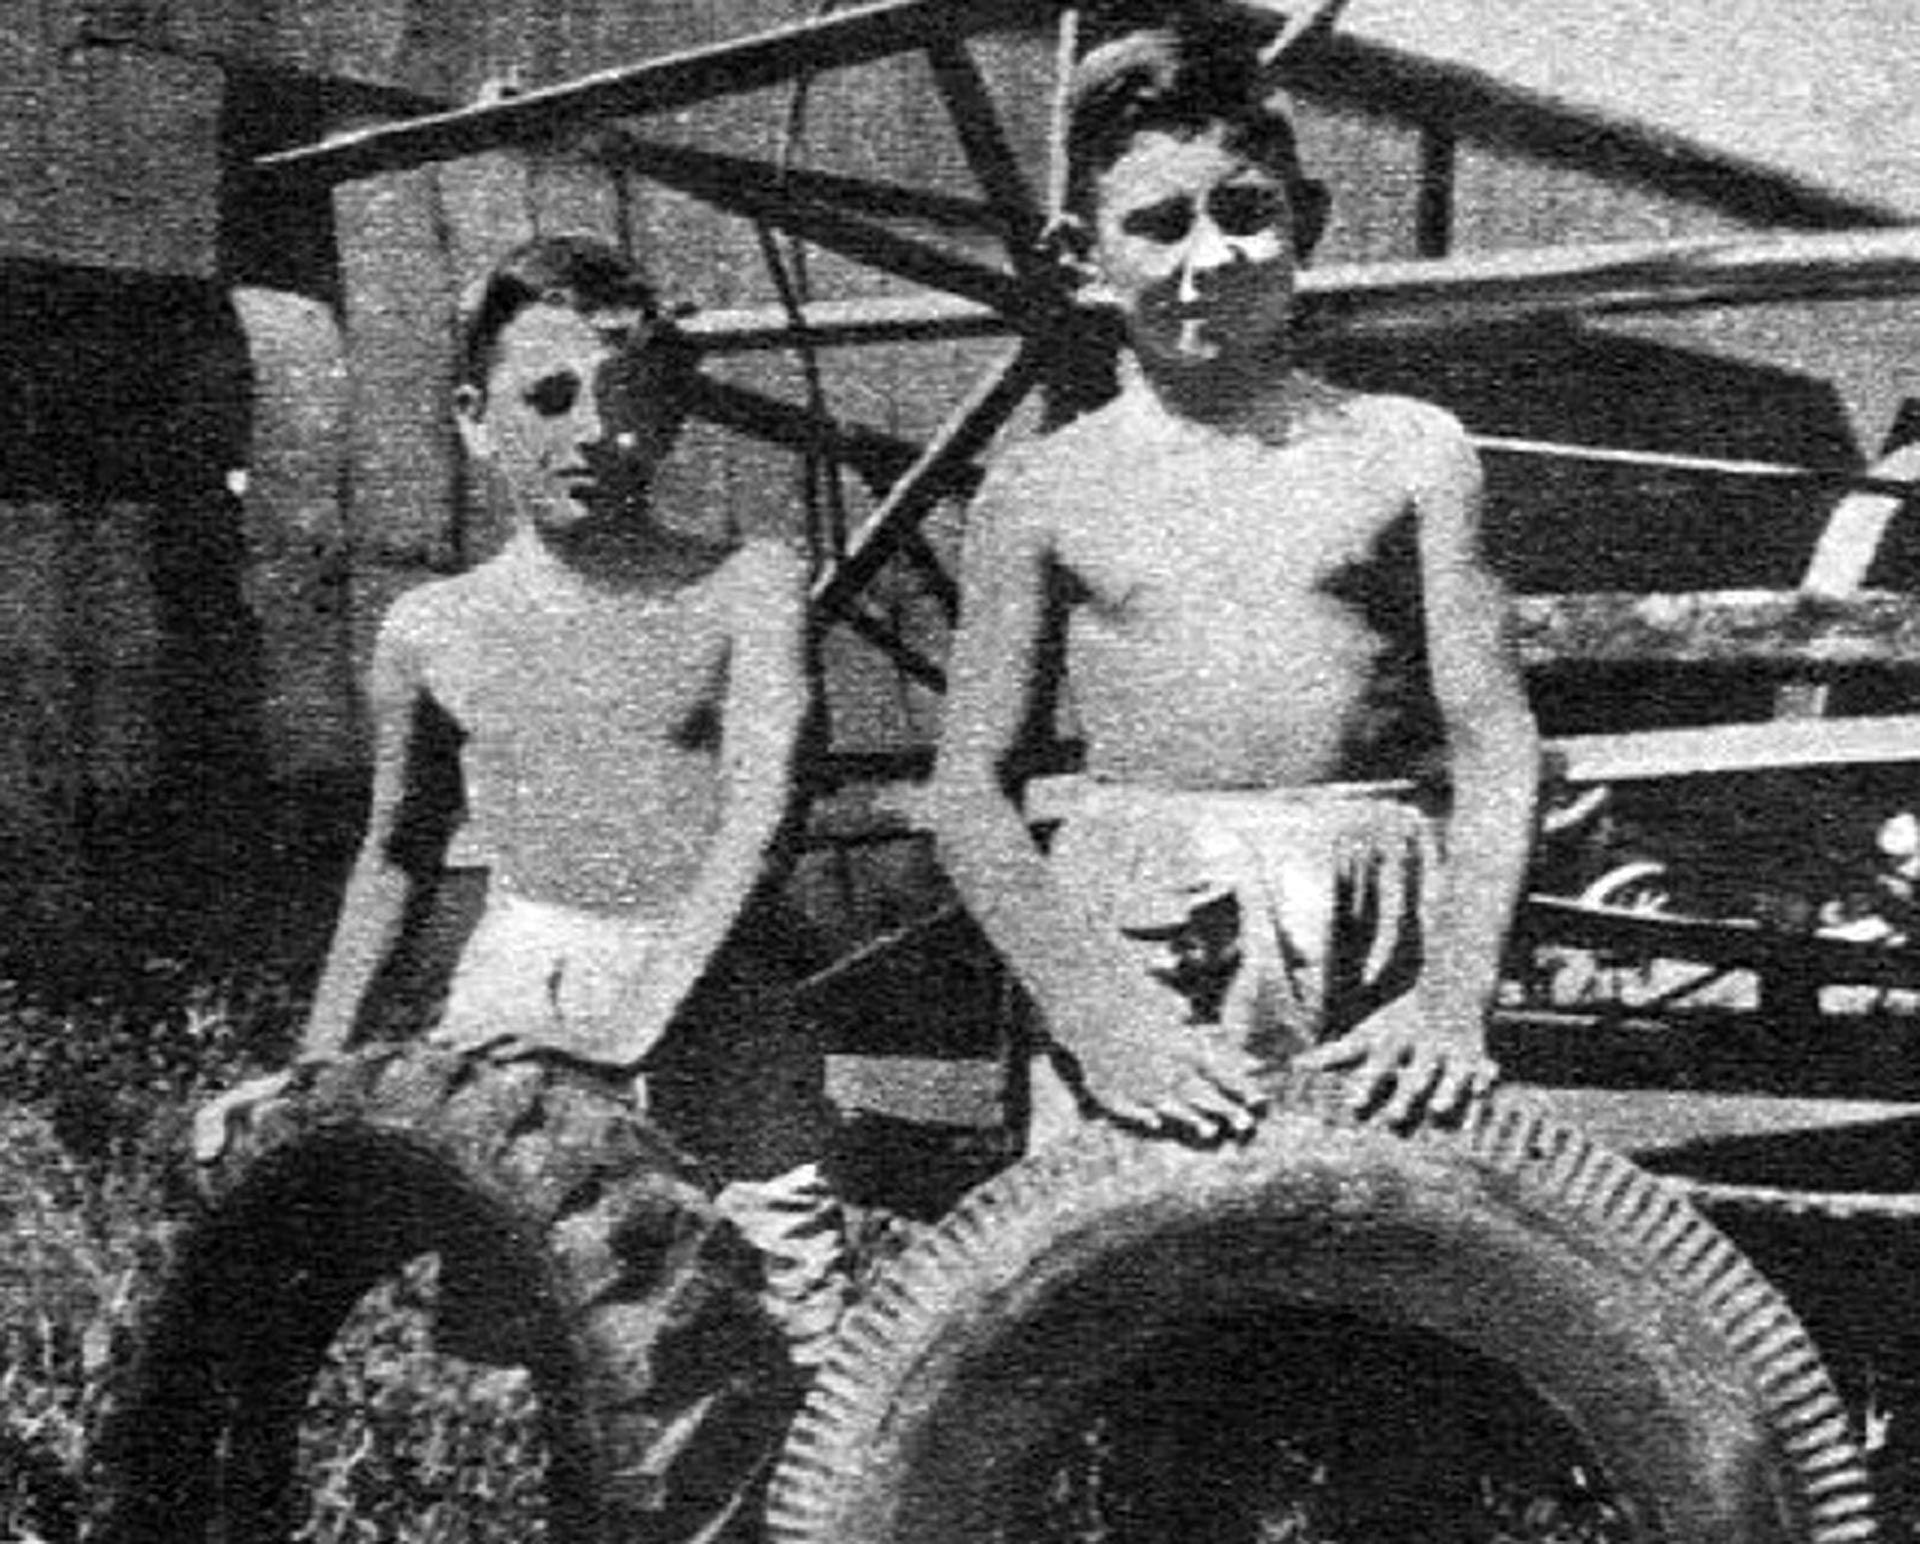 Hermano de Reutemann